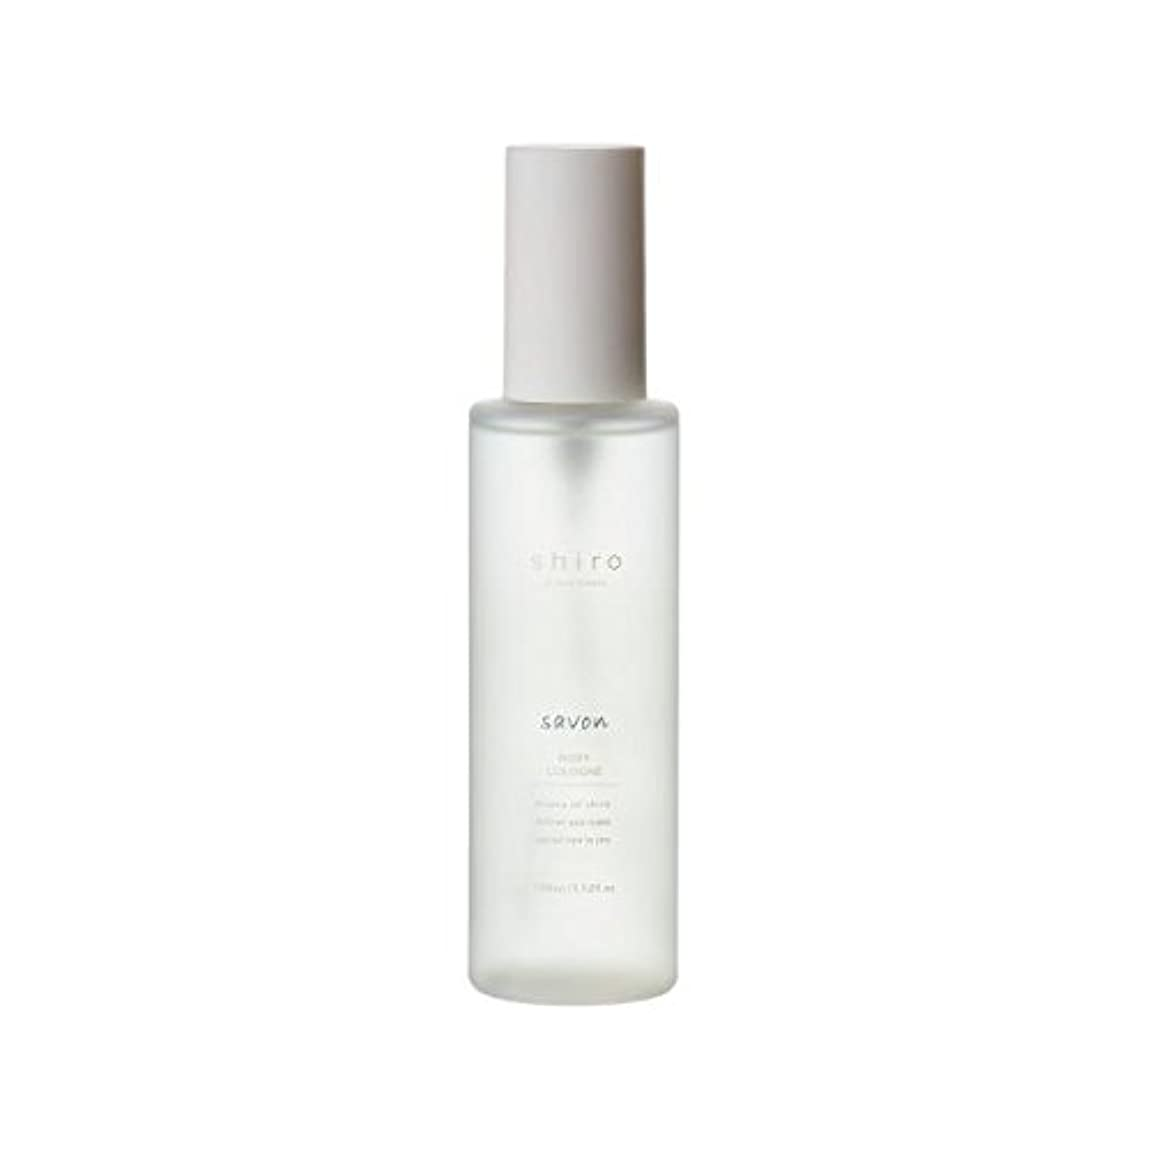 マリナートレード定常shiro サボン ボディコロン 100ml 清潔で透明感のある自然な石けんの香り ミスト シロ